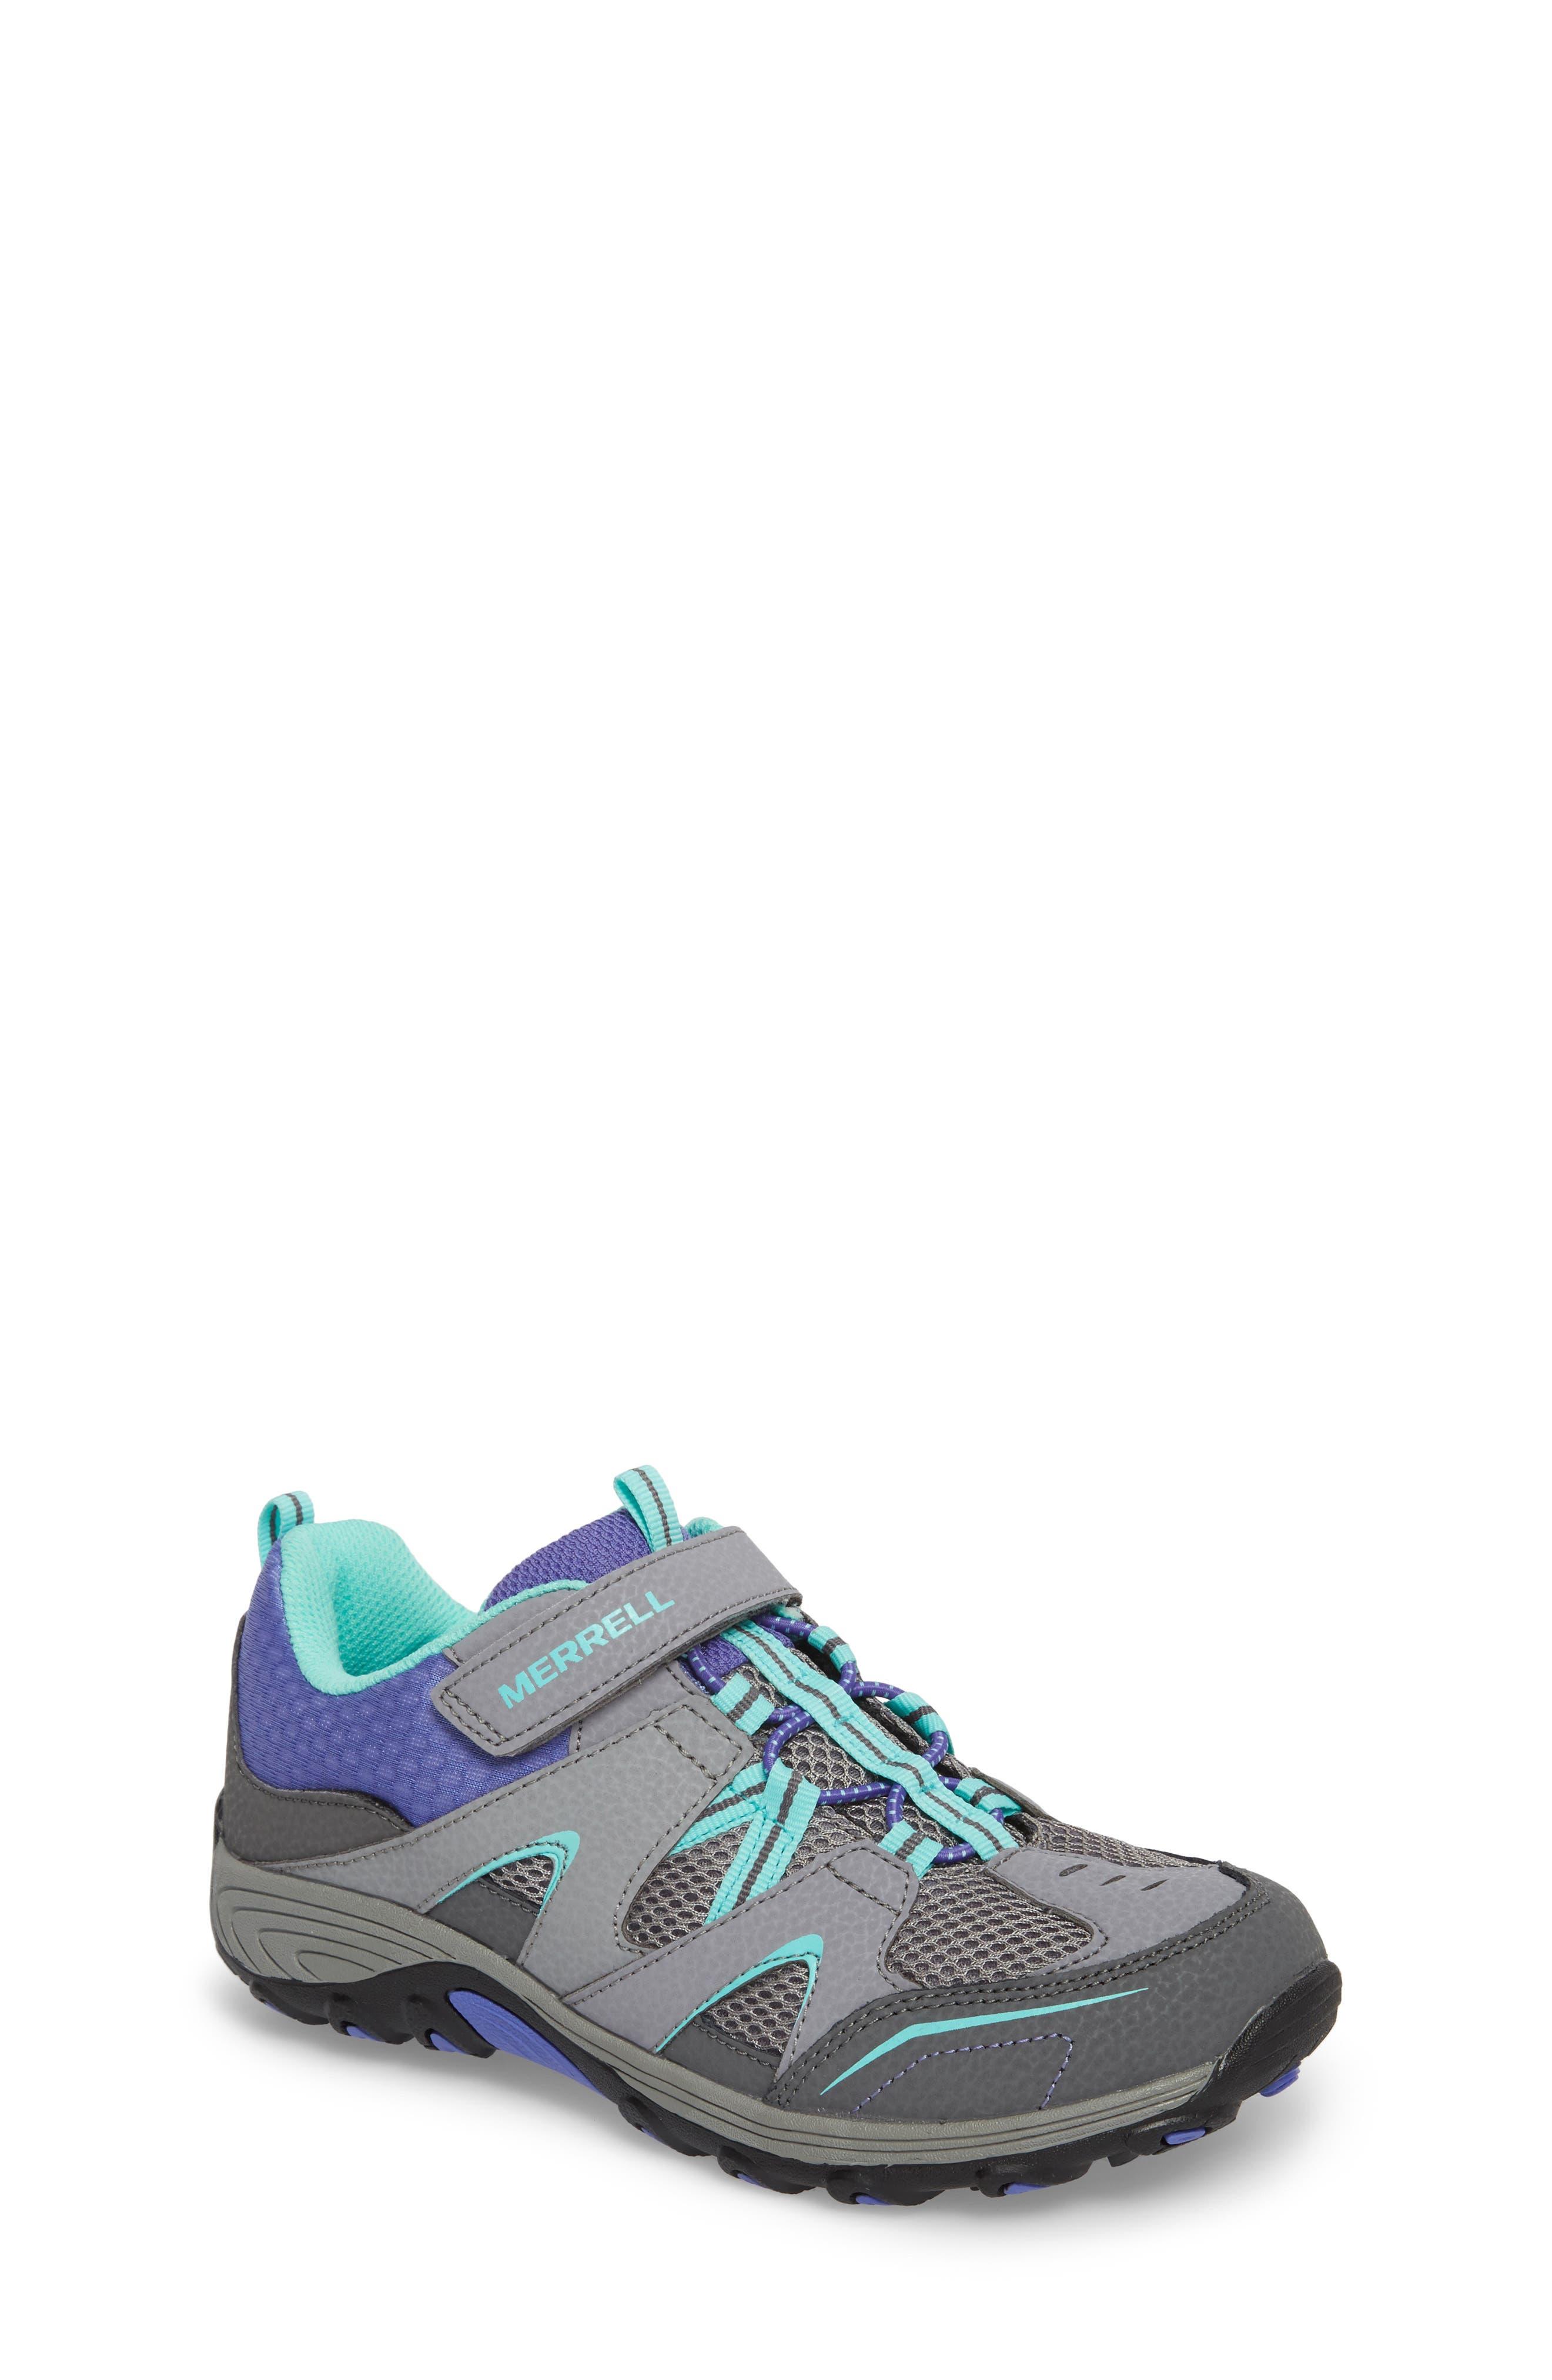 Alternate Image 1 Selected - Merrell Trail Chaser Sneaker (Toddler, Little Kid & Big Kid)